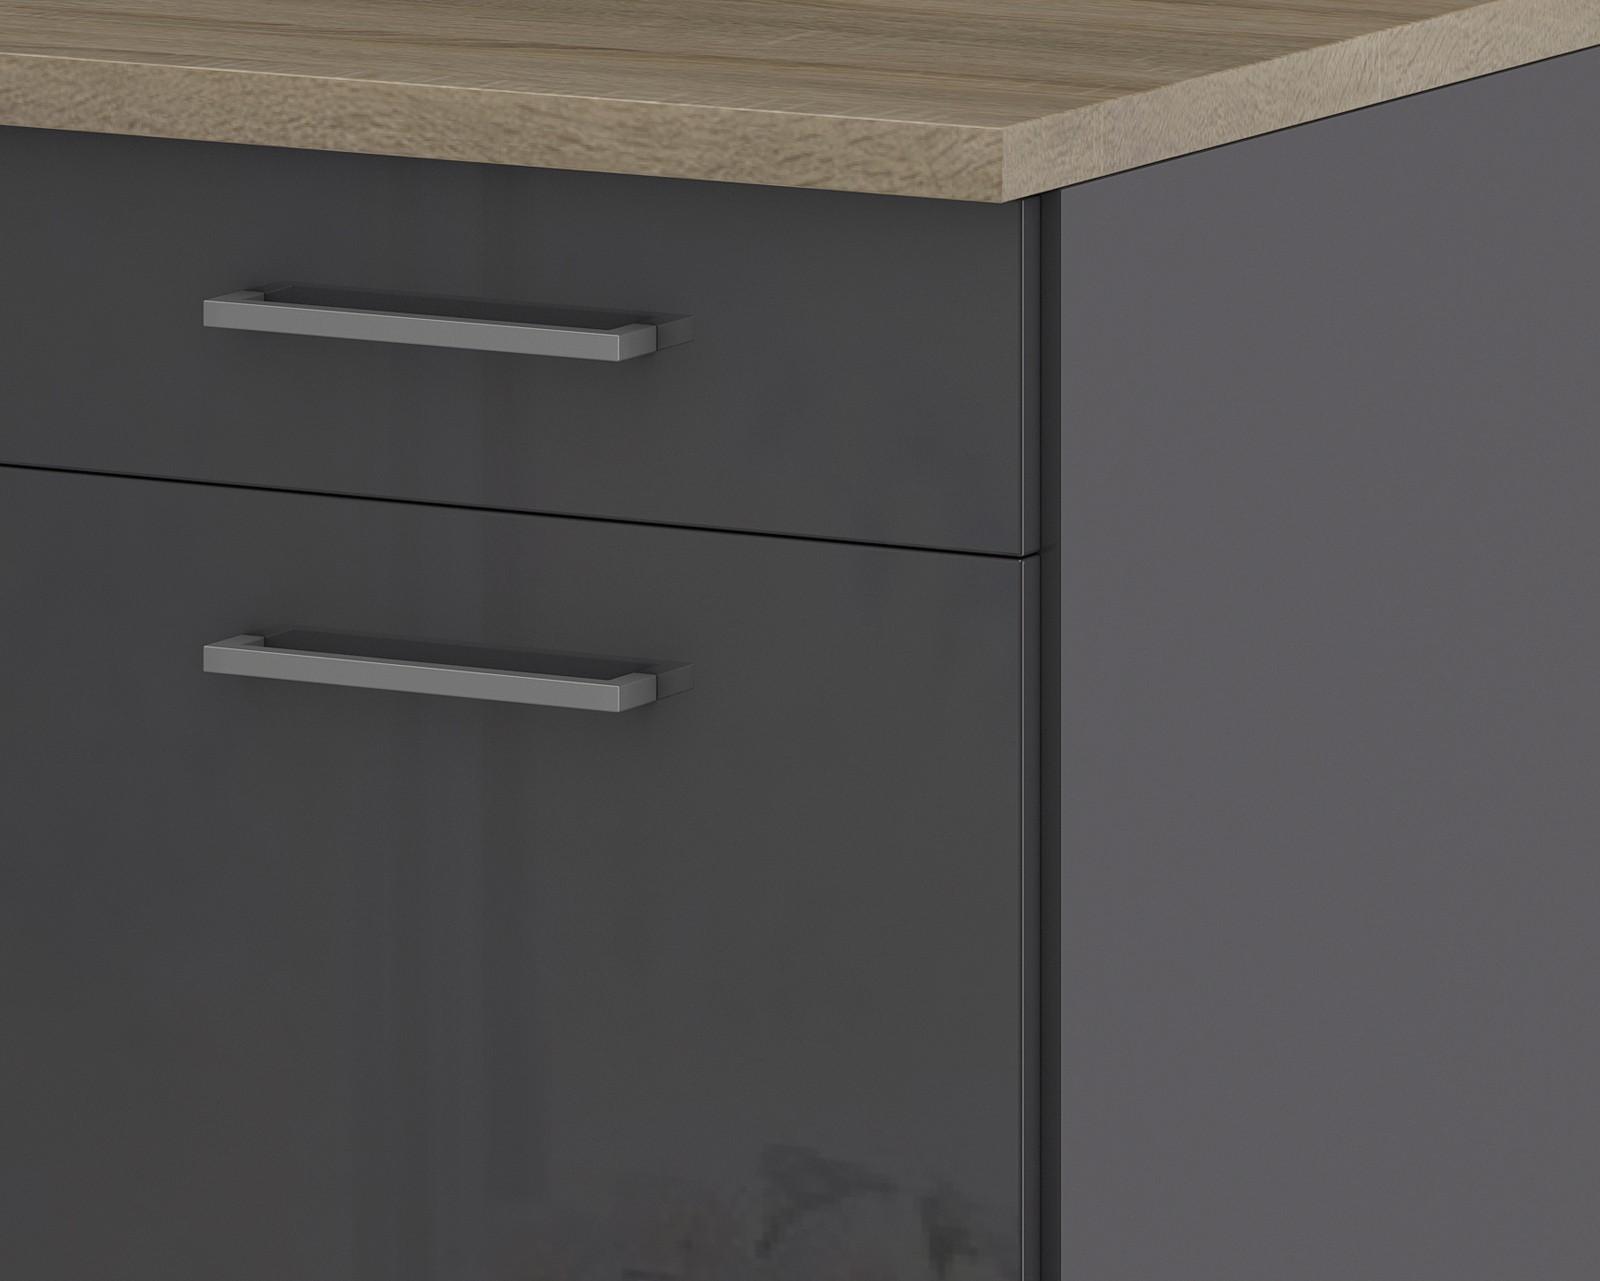 k chen unterschrank m nchen 1 t rig 50 cm breit. Black Bedroom Furniture Sets. Home Design Ideas